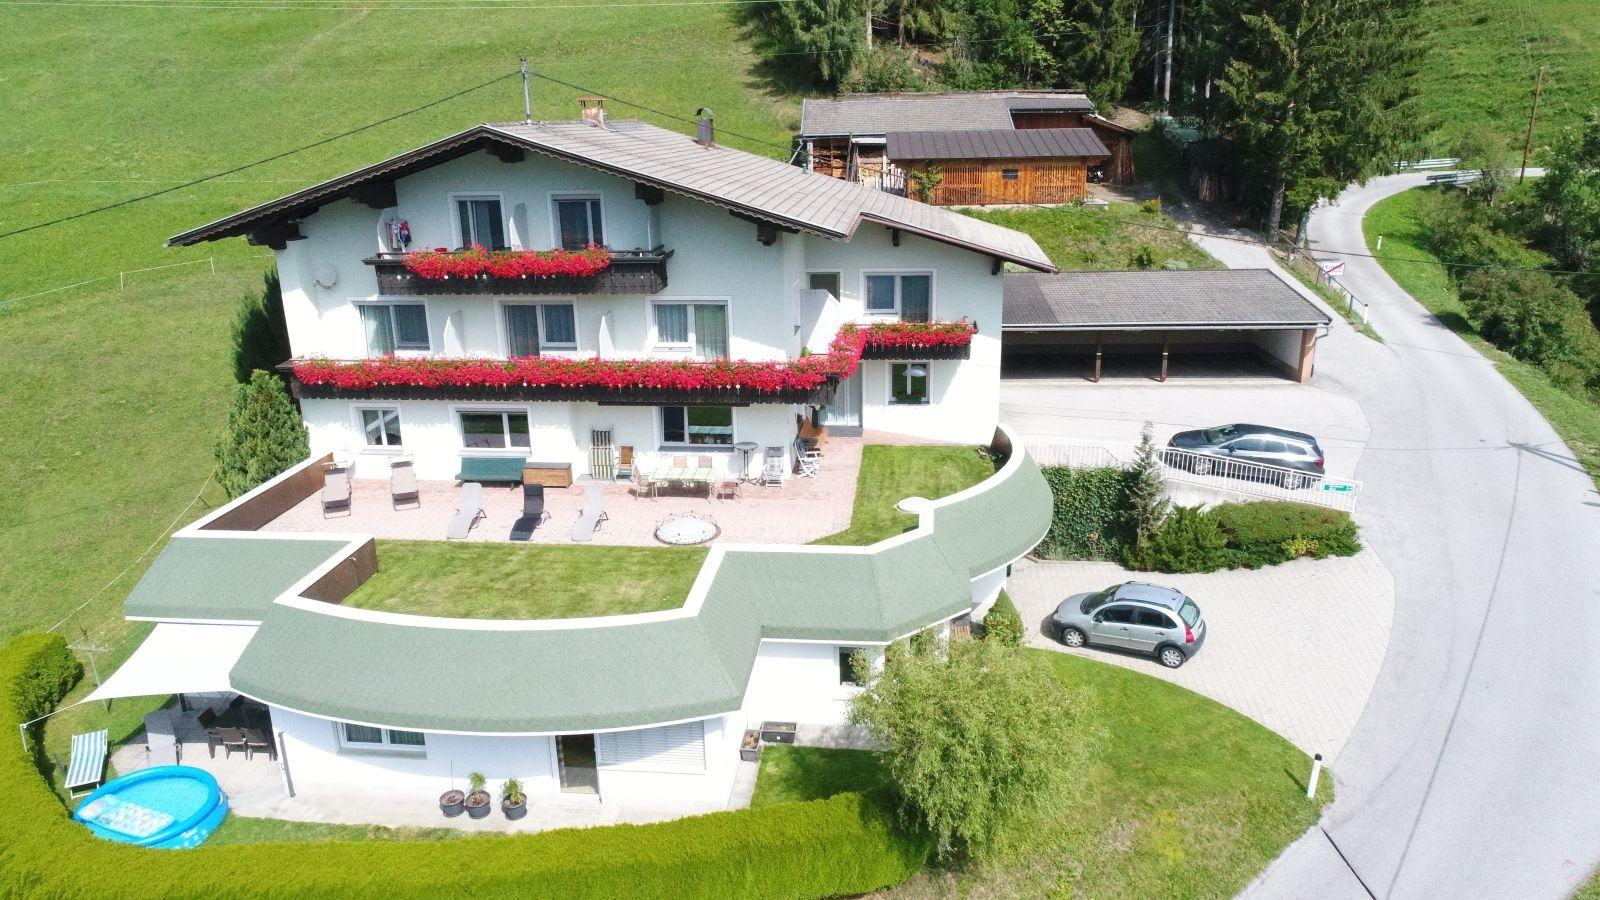 Gästehaus/Pension Mayr